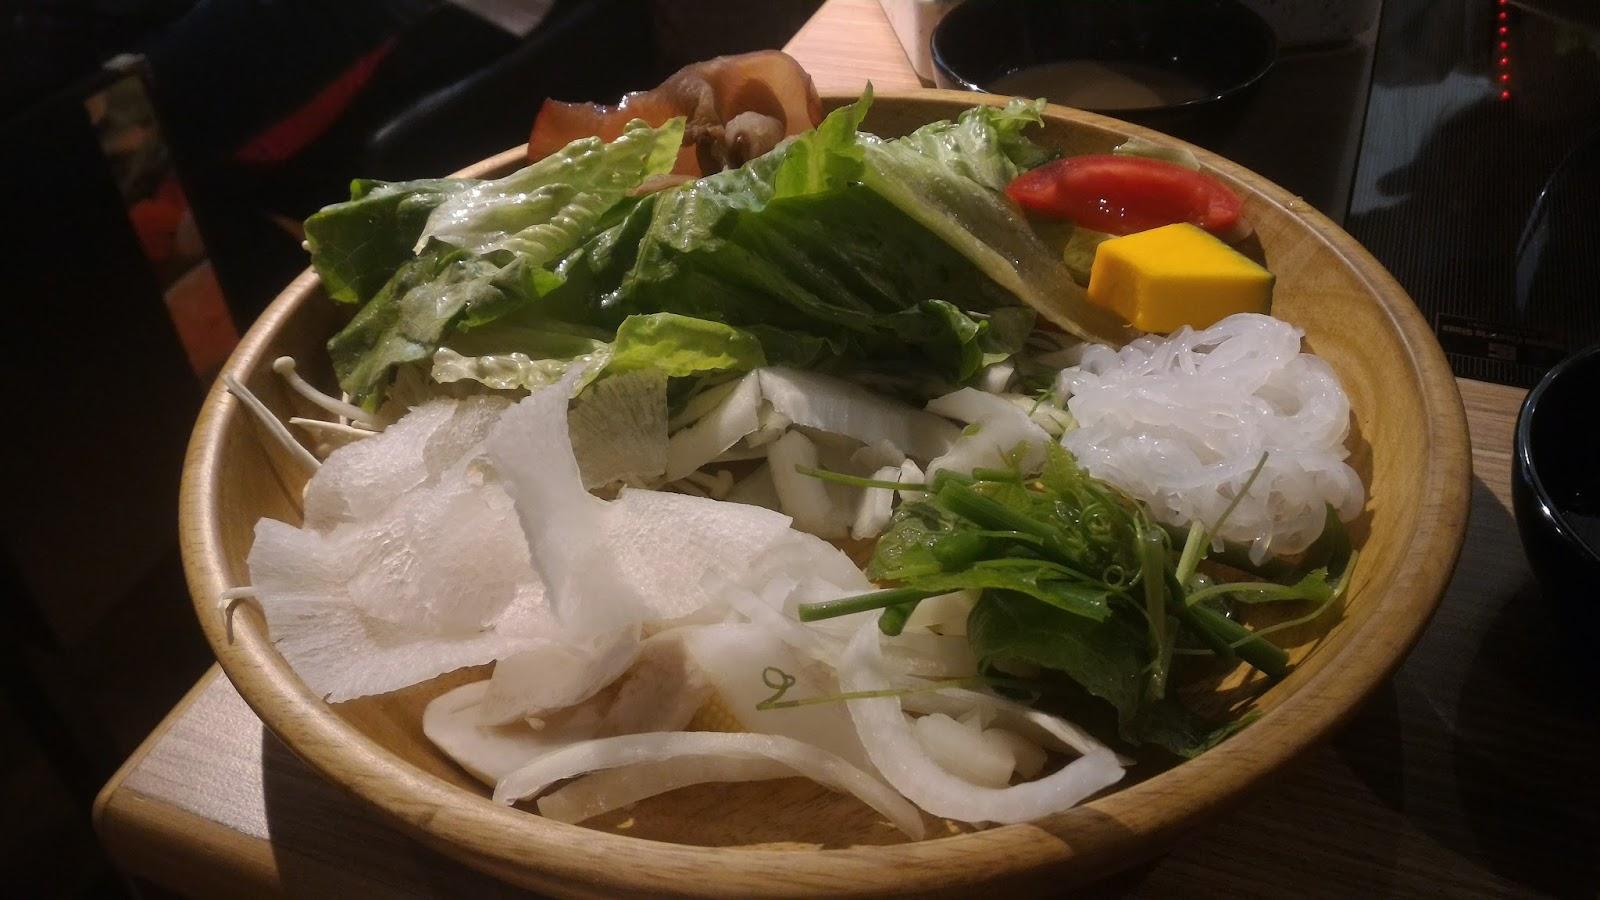 P 20161016 191047 - 【台南東區】涮乃葉吃到飽日式涮涮鍋 - 新鮮蔬菜與手工拉麵,還有超濃郁的霜淇淋!